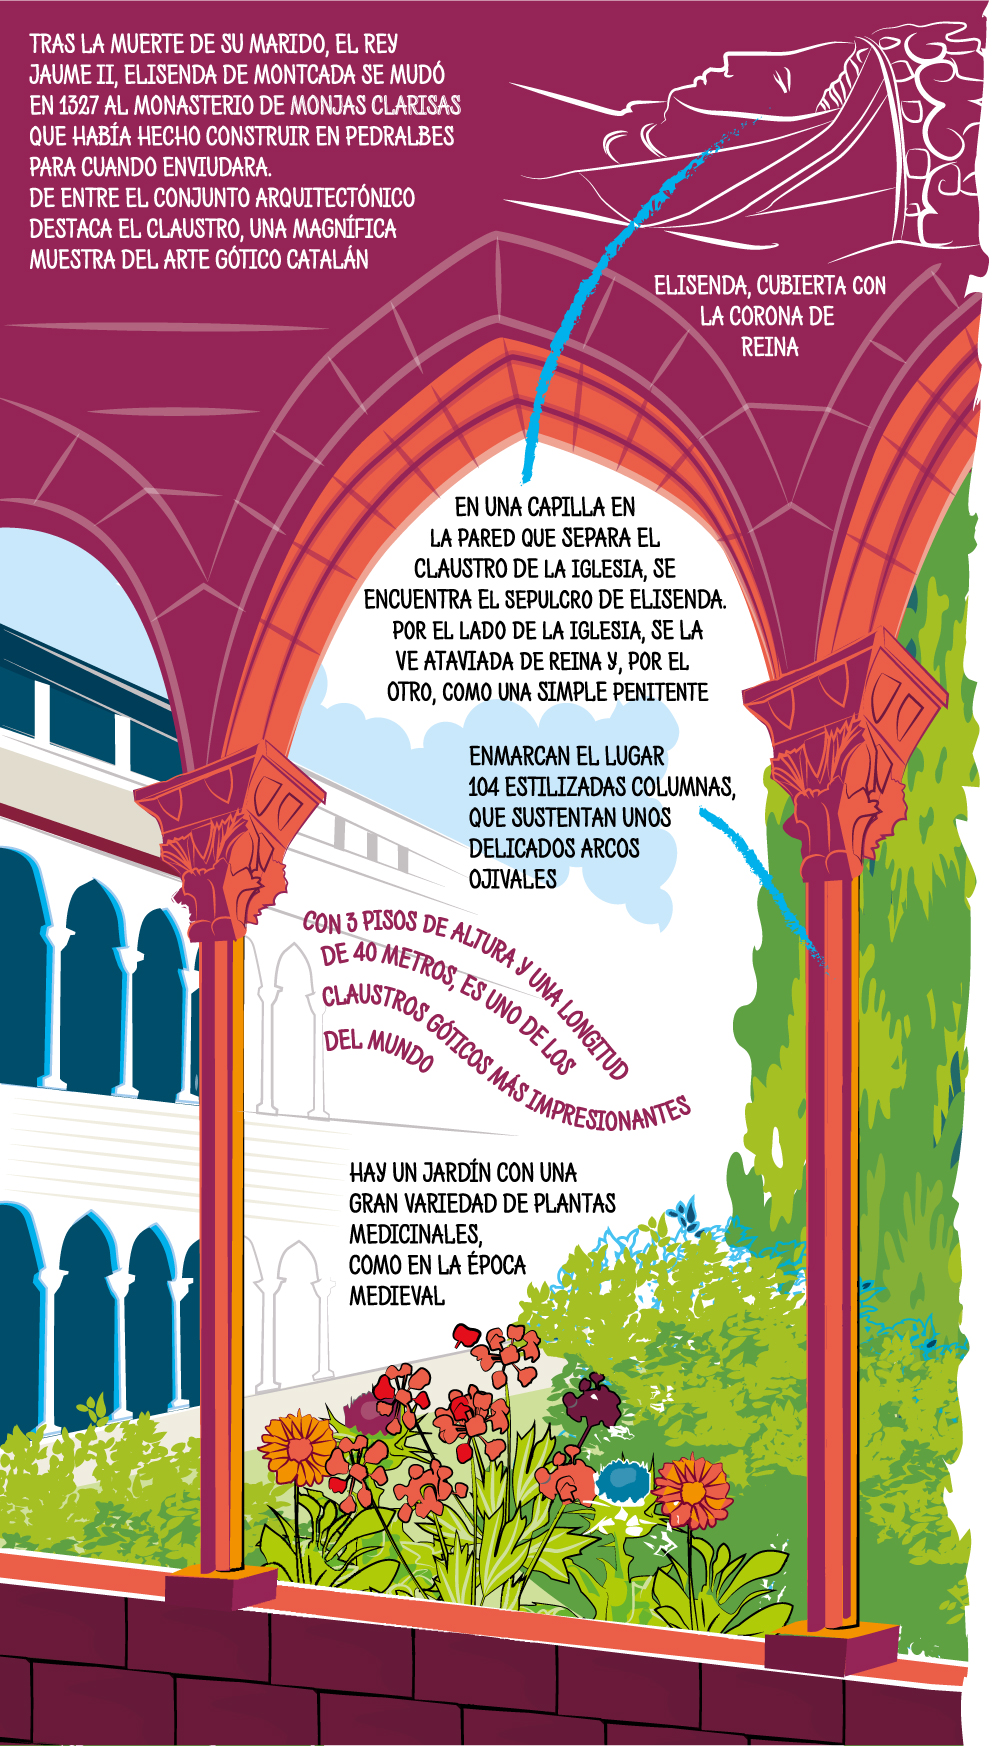 Monasterio de Pedralbes: Un claustro digno de una reina